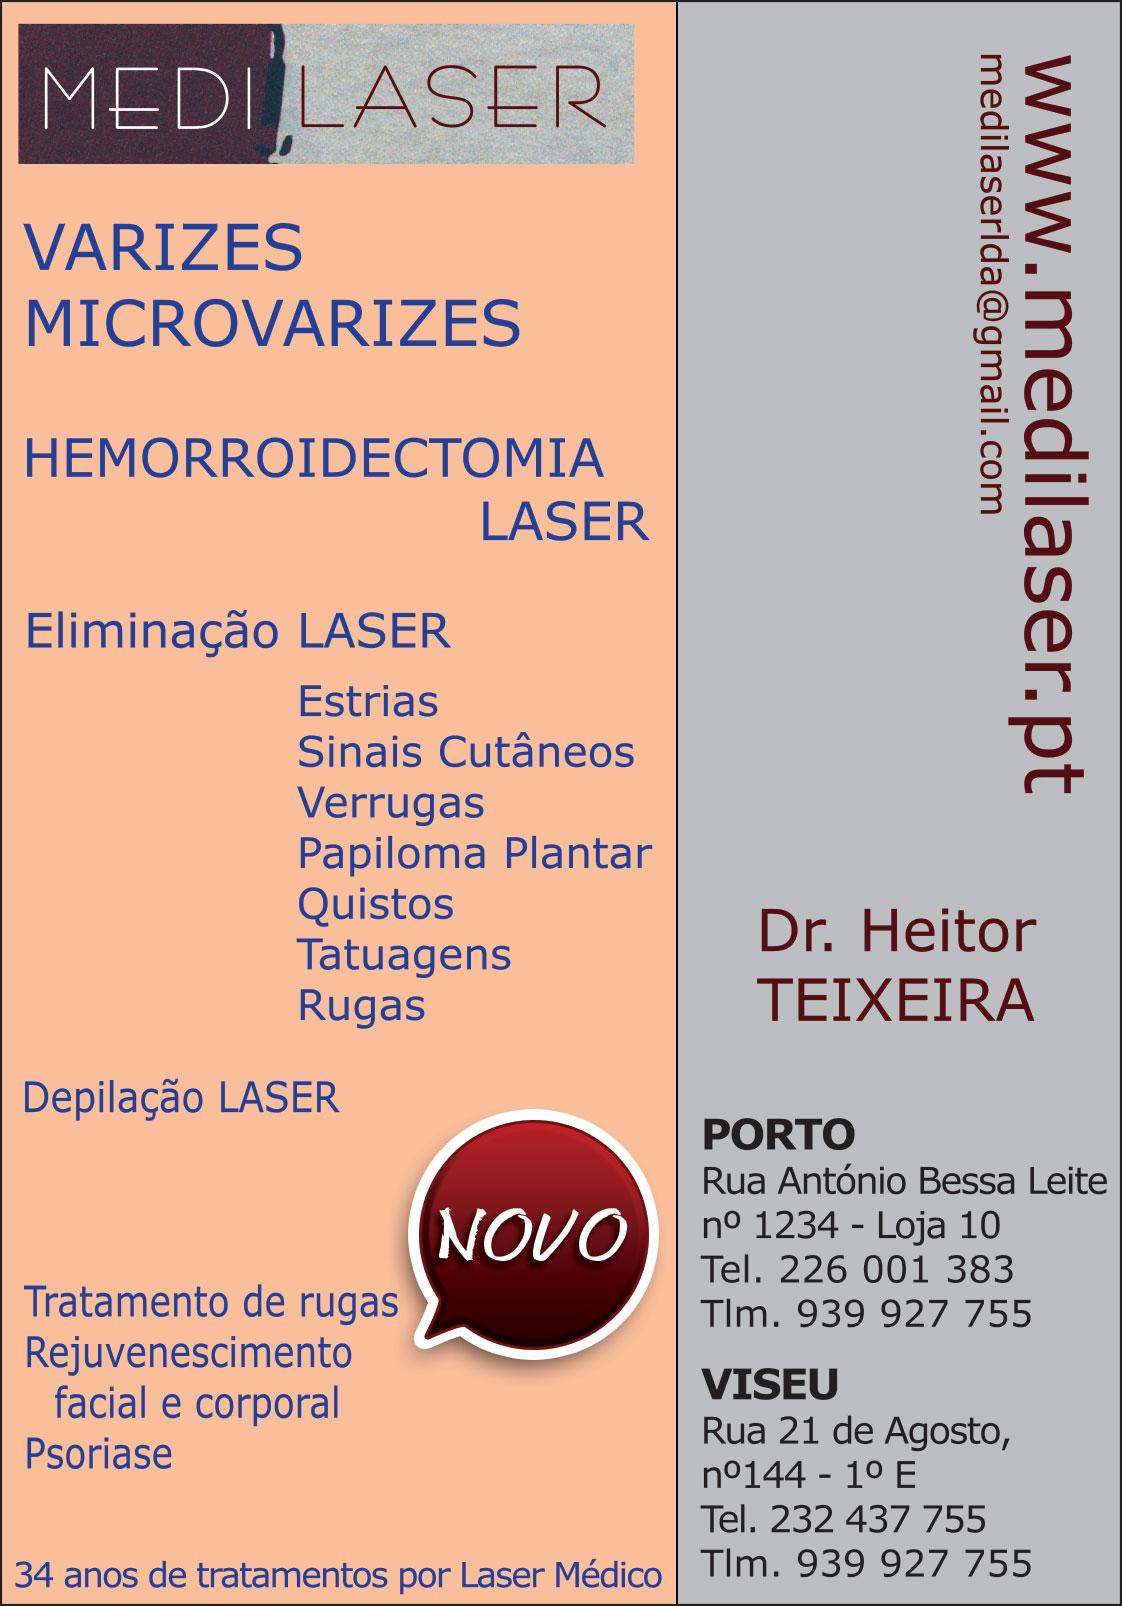 MEDILASER • DR. HEITOR TEIXEIRA • CIRURGIA LASER